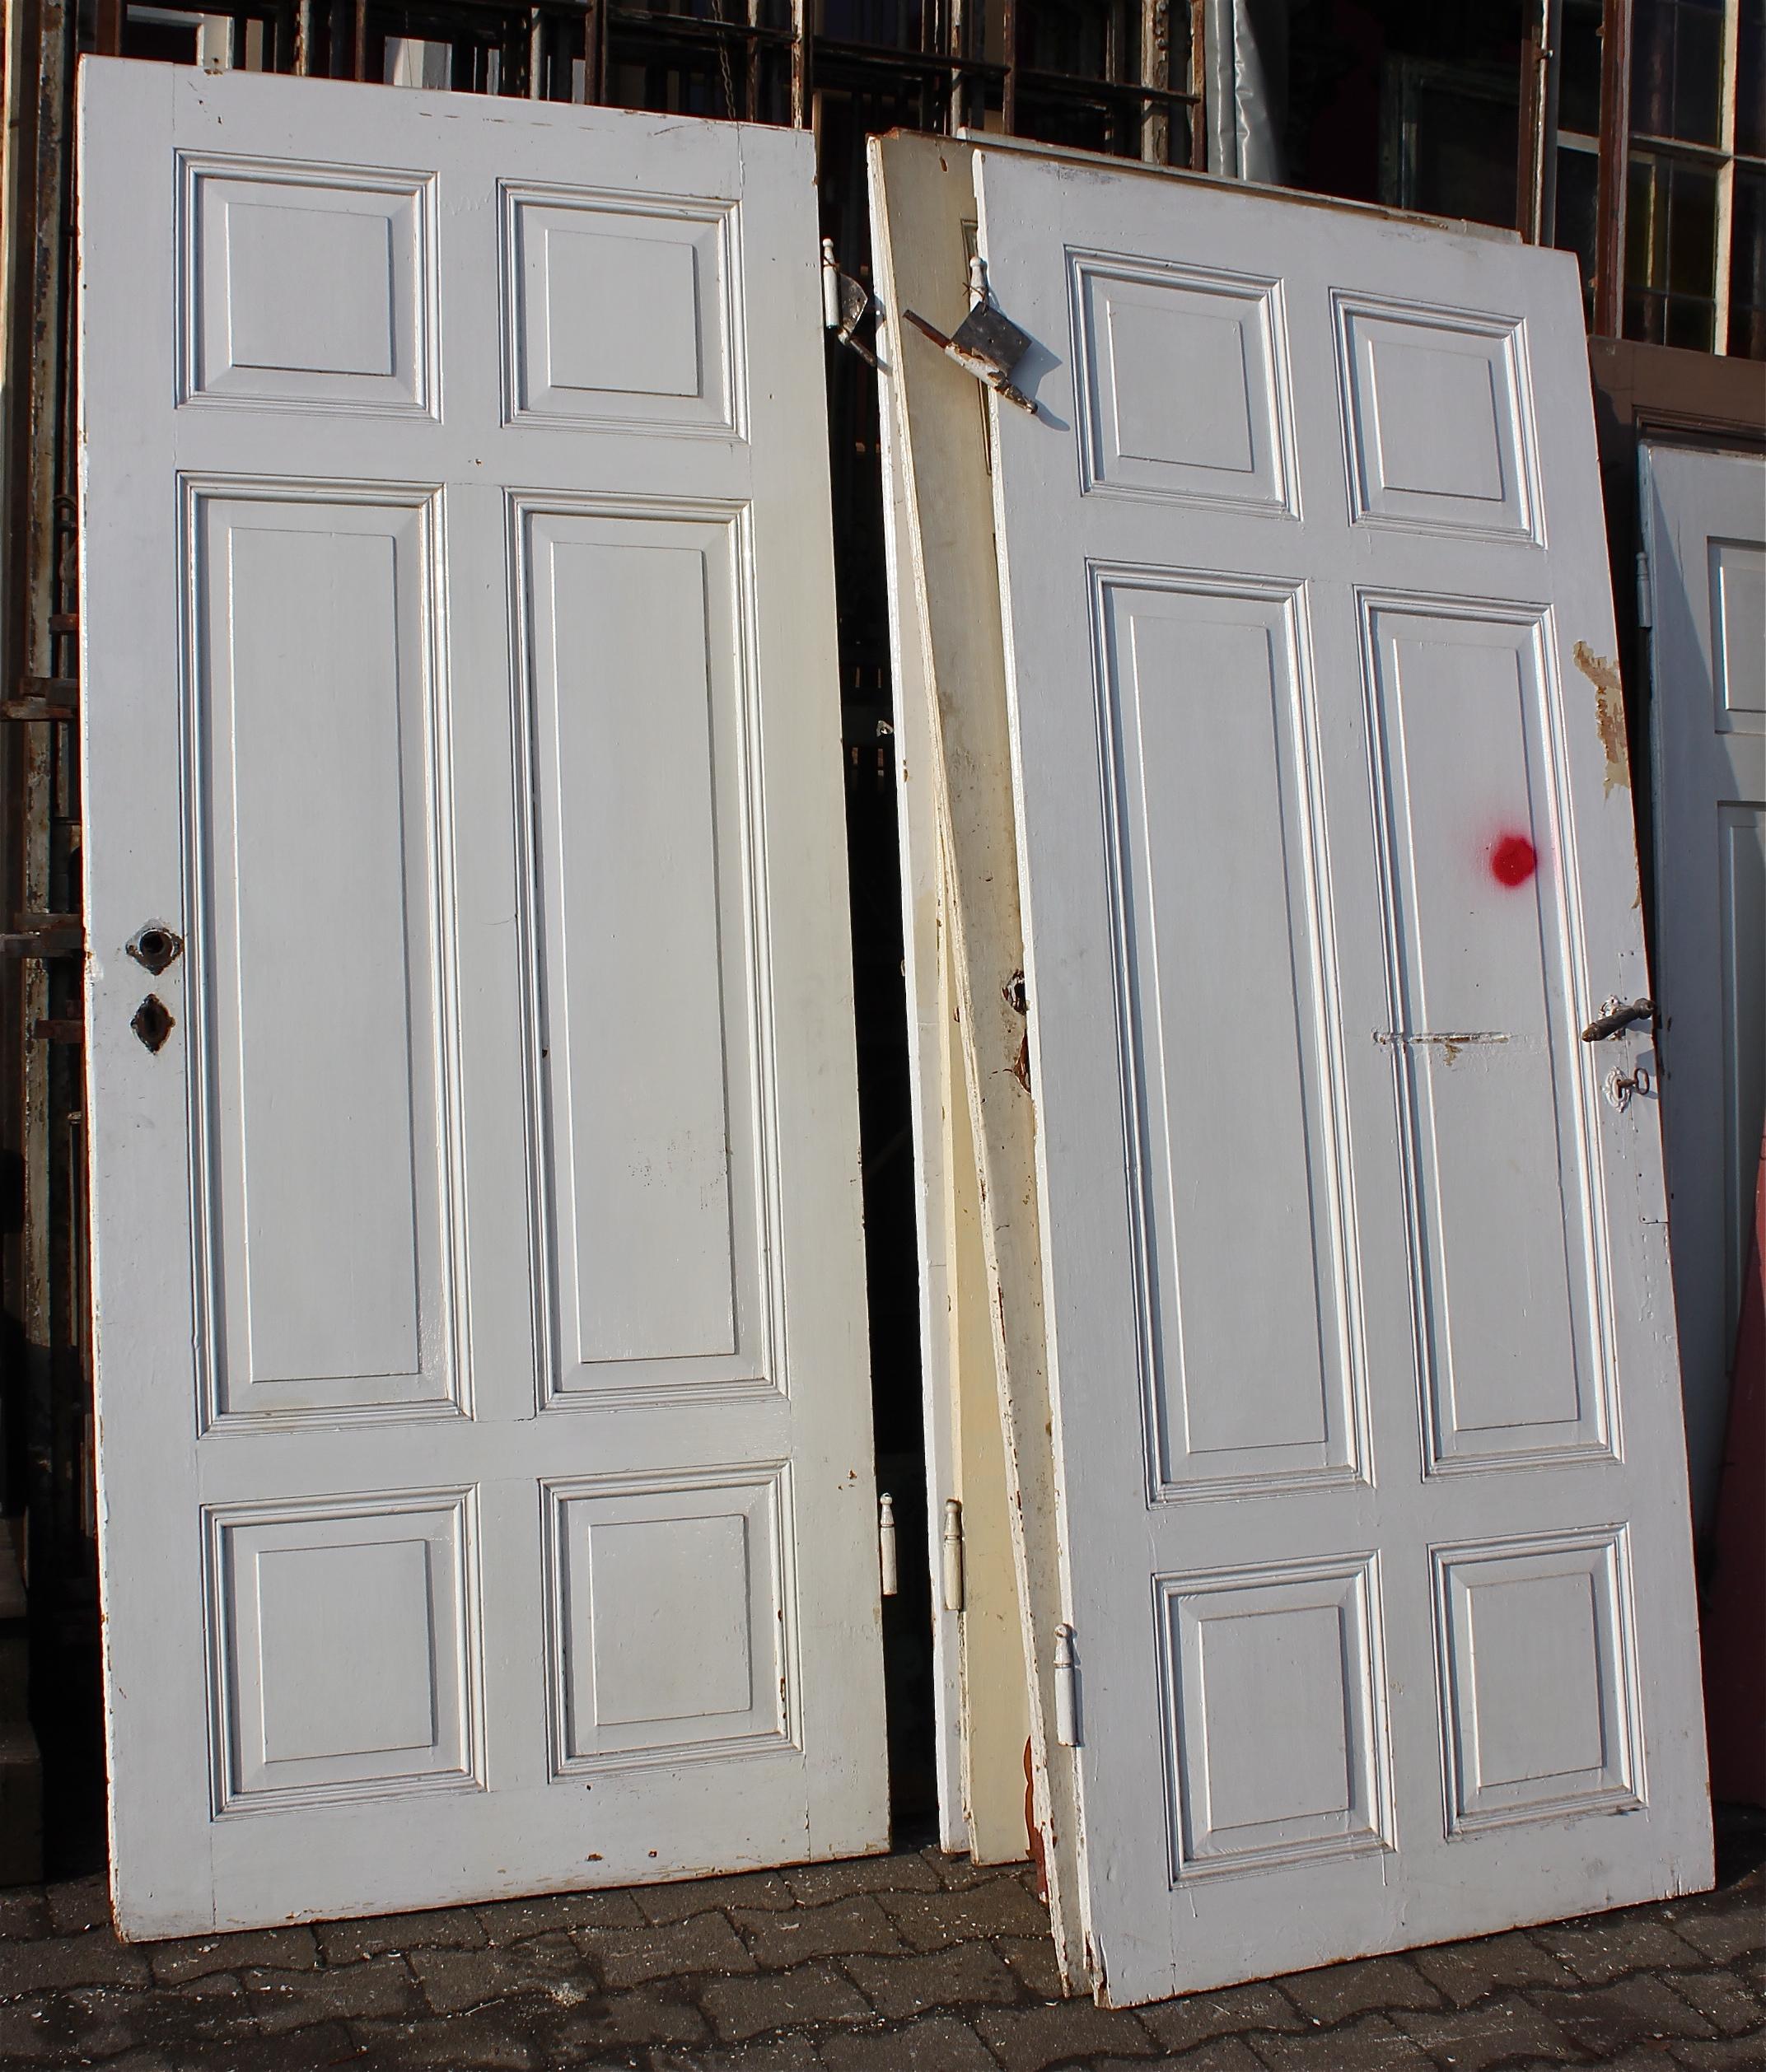 weichholz t r ein angebot aus der rubrik einfl gelige historische zimmert ren alle h hen. Black Bedroom Furniture Sets. Home Design Ideas